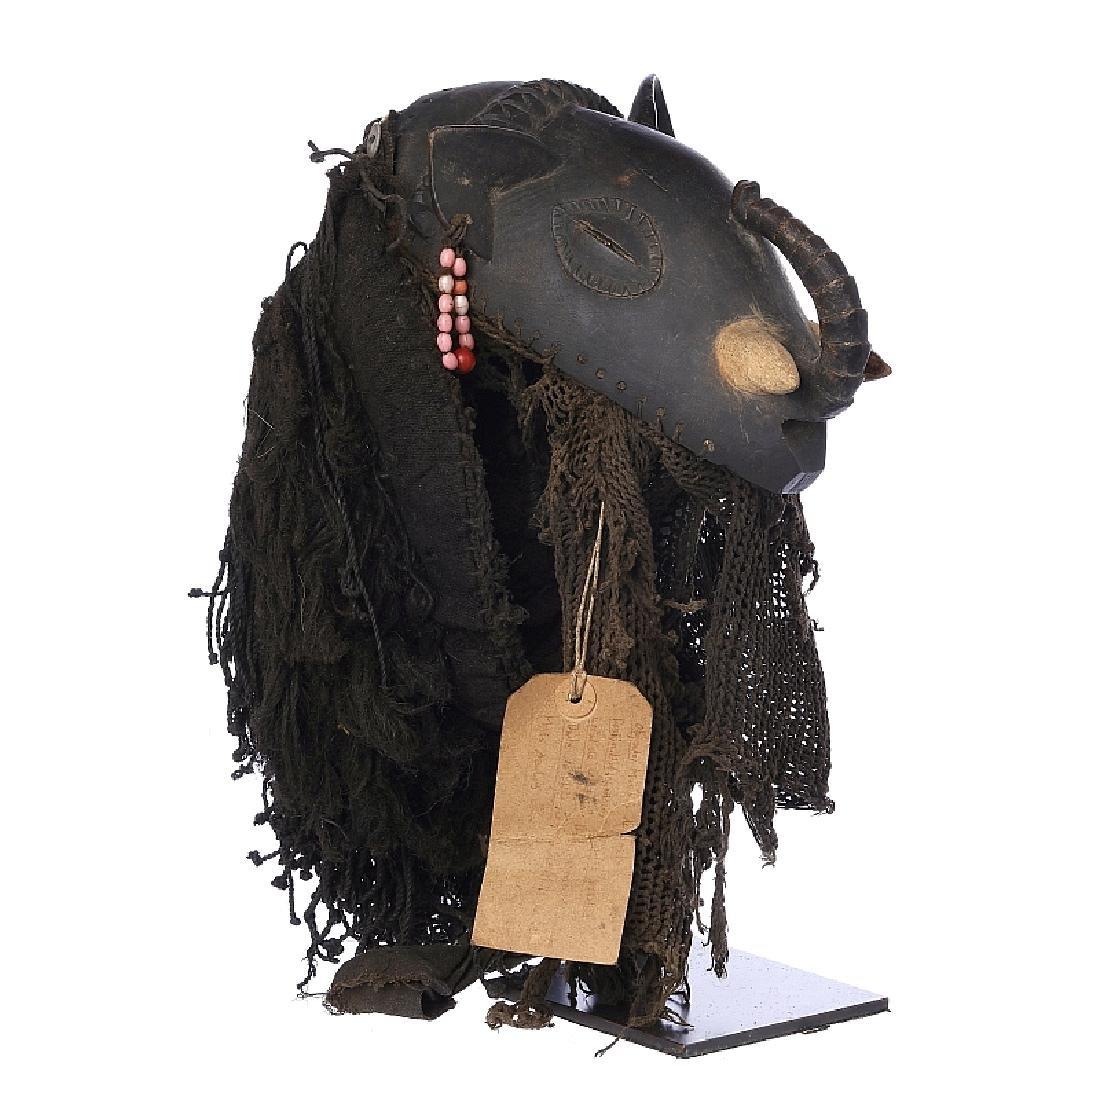 CHOKWE - Elephant mask